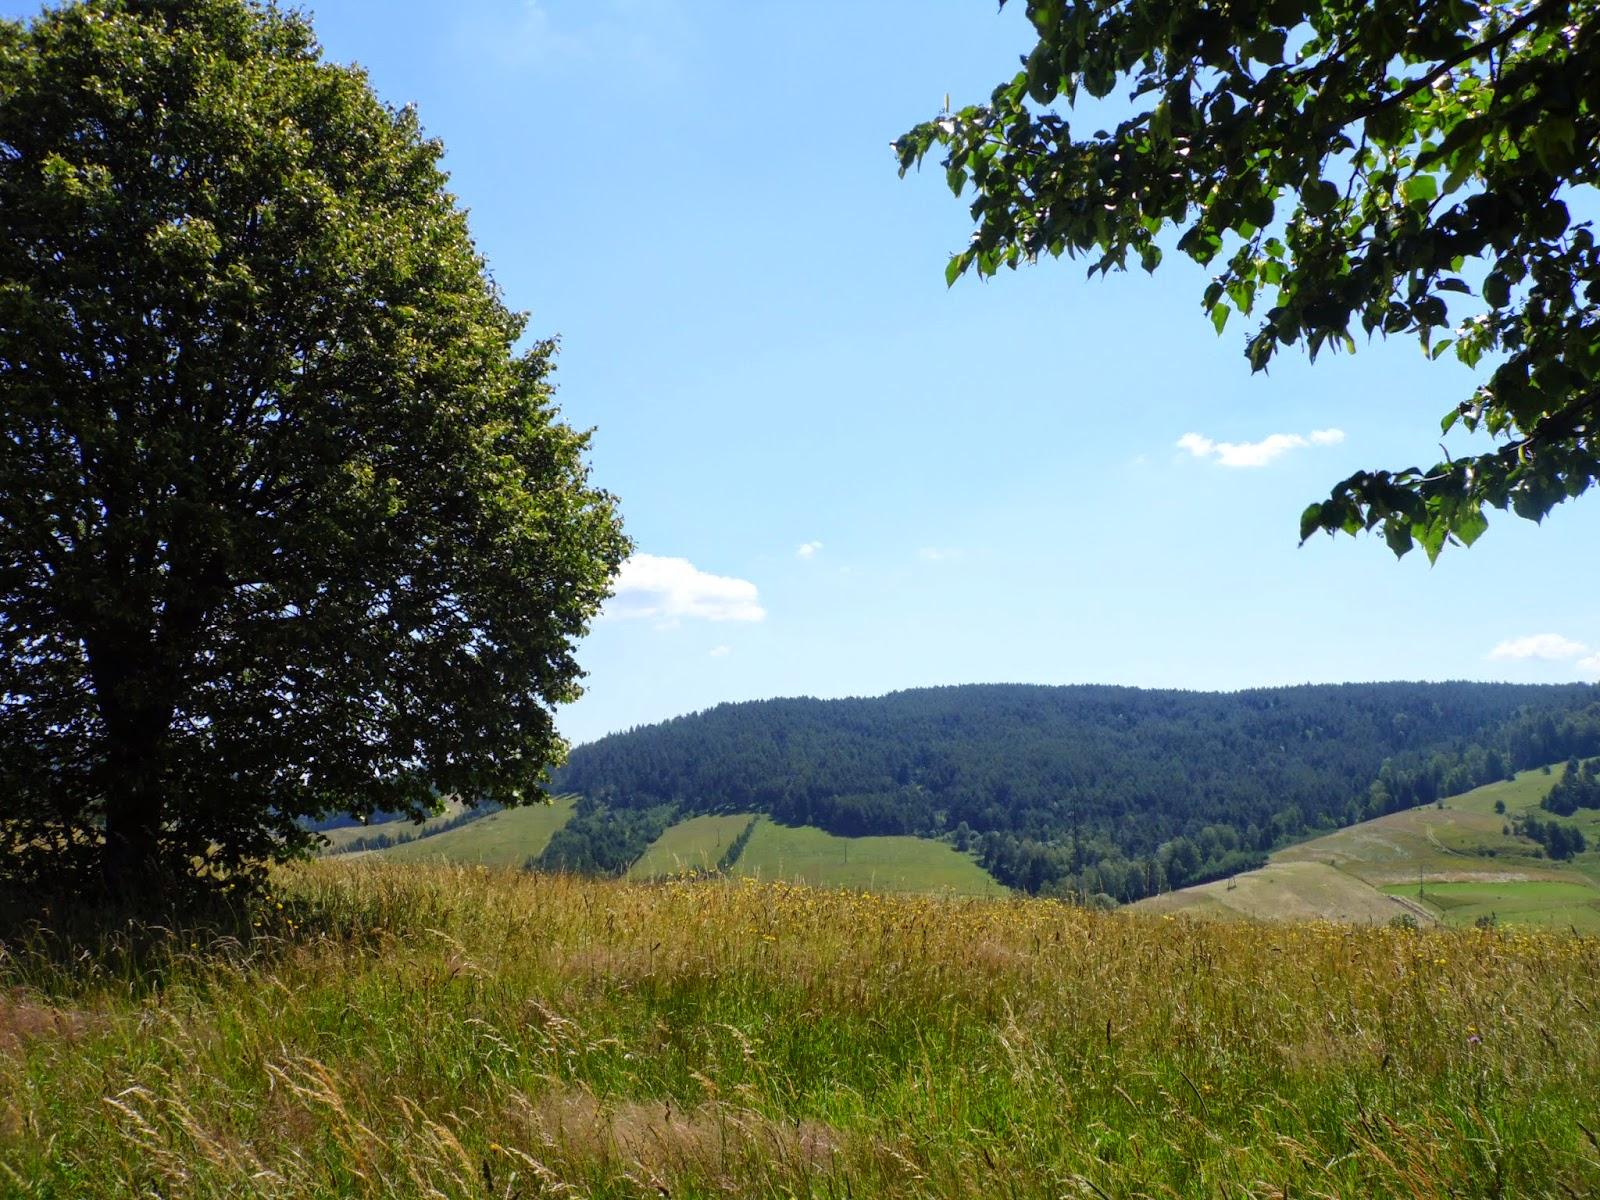 Wiejski krajobraz pomiędzy Muszyną a Jaworzyną Krynicką